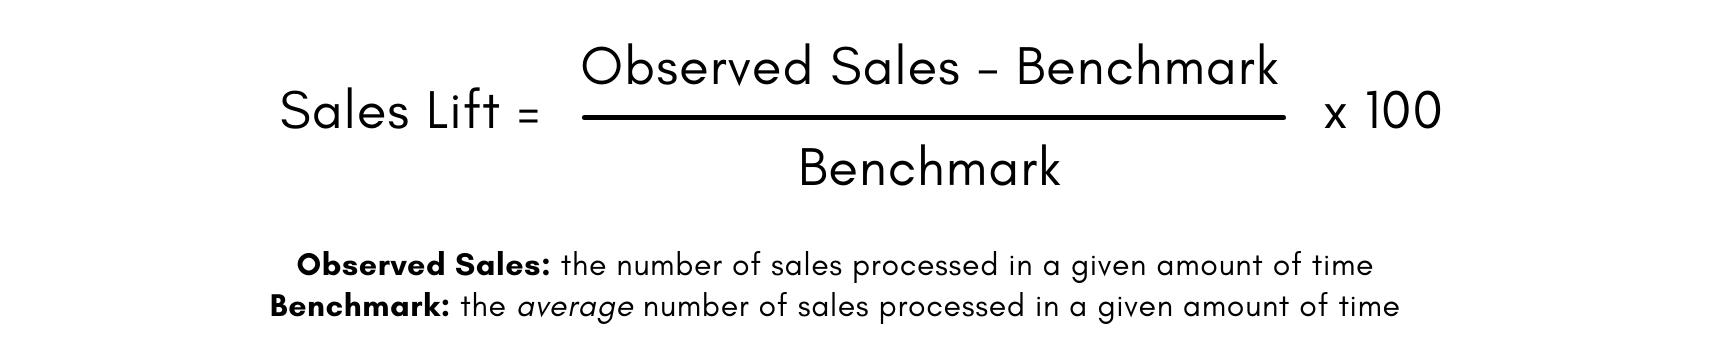 Formule d'amélioration des ventes: nombre de nouvelles ventes moins l'indice de référence, divisé par l'indice de référence, multiplié par 100.